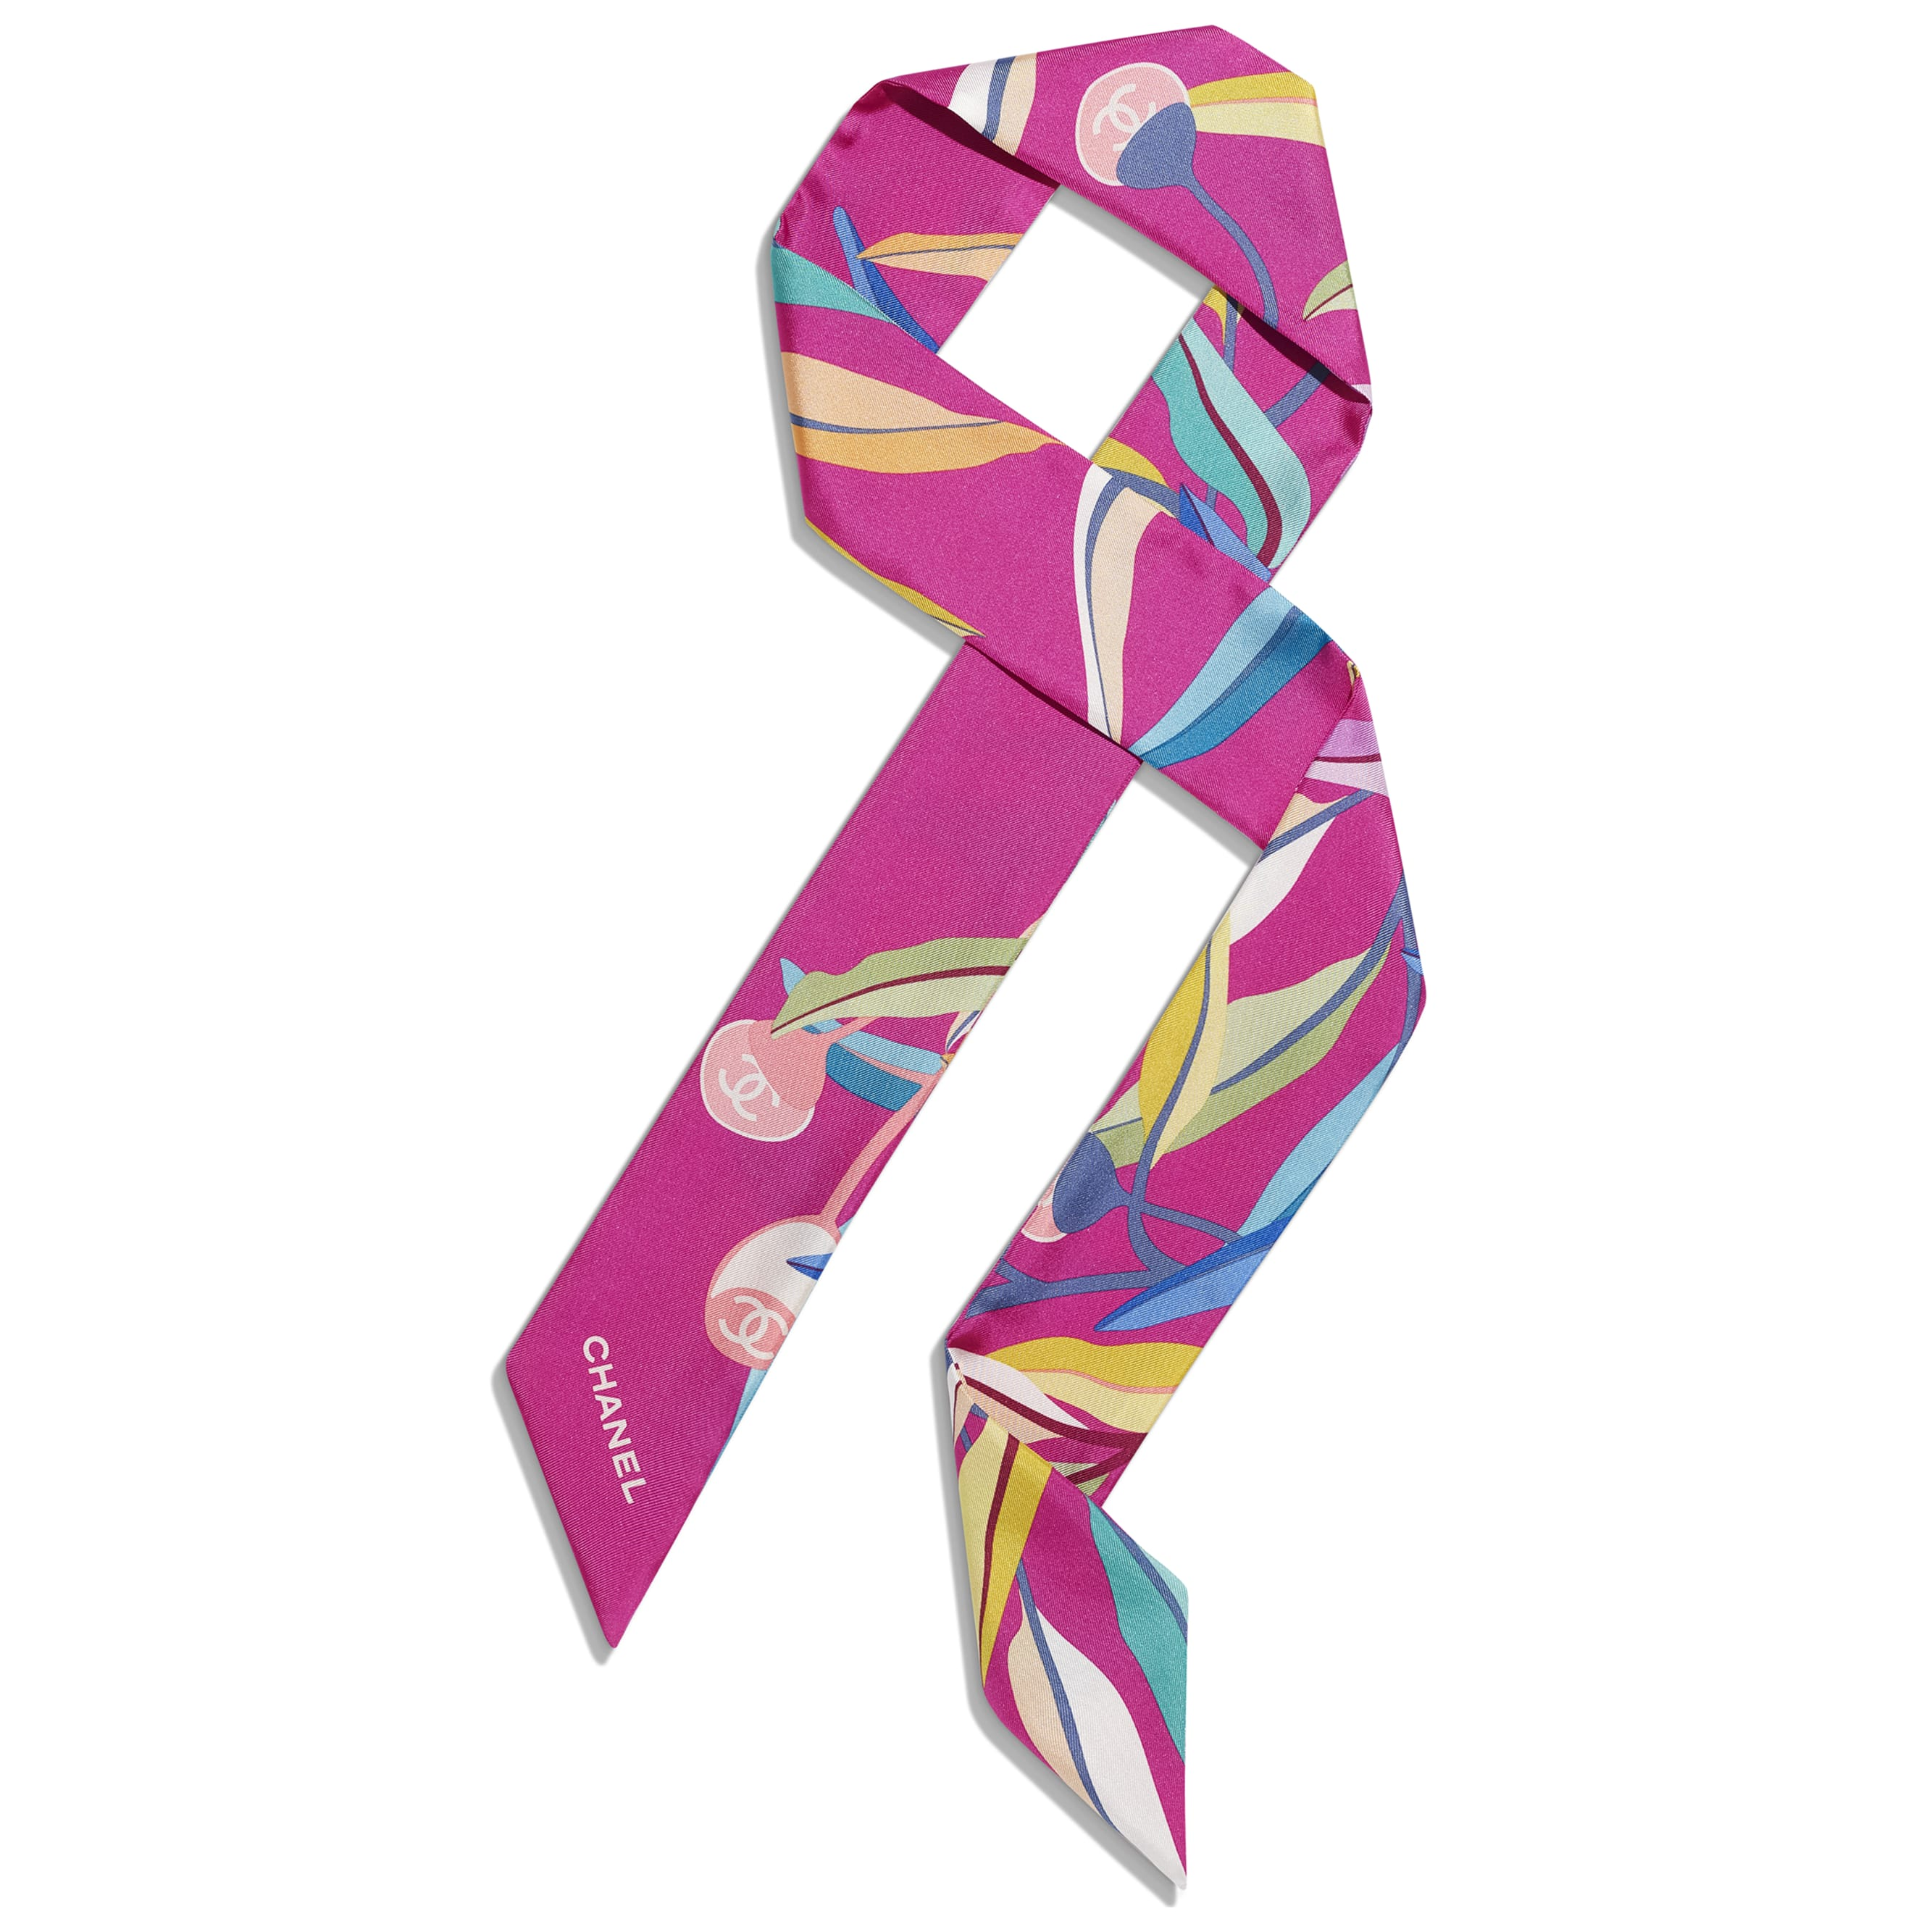 Accessoire zur Verwendung als Haarband, Gürtel oder Lavallière - Fuchsia - Seidentwill - Standardansicht - Standardgröße anzeigen